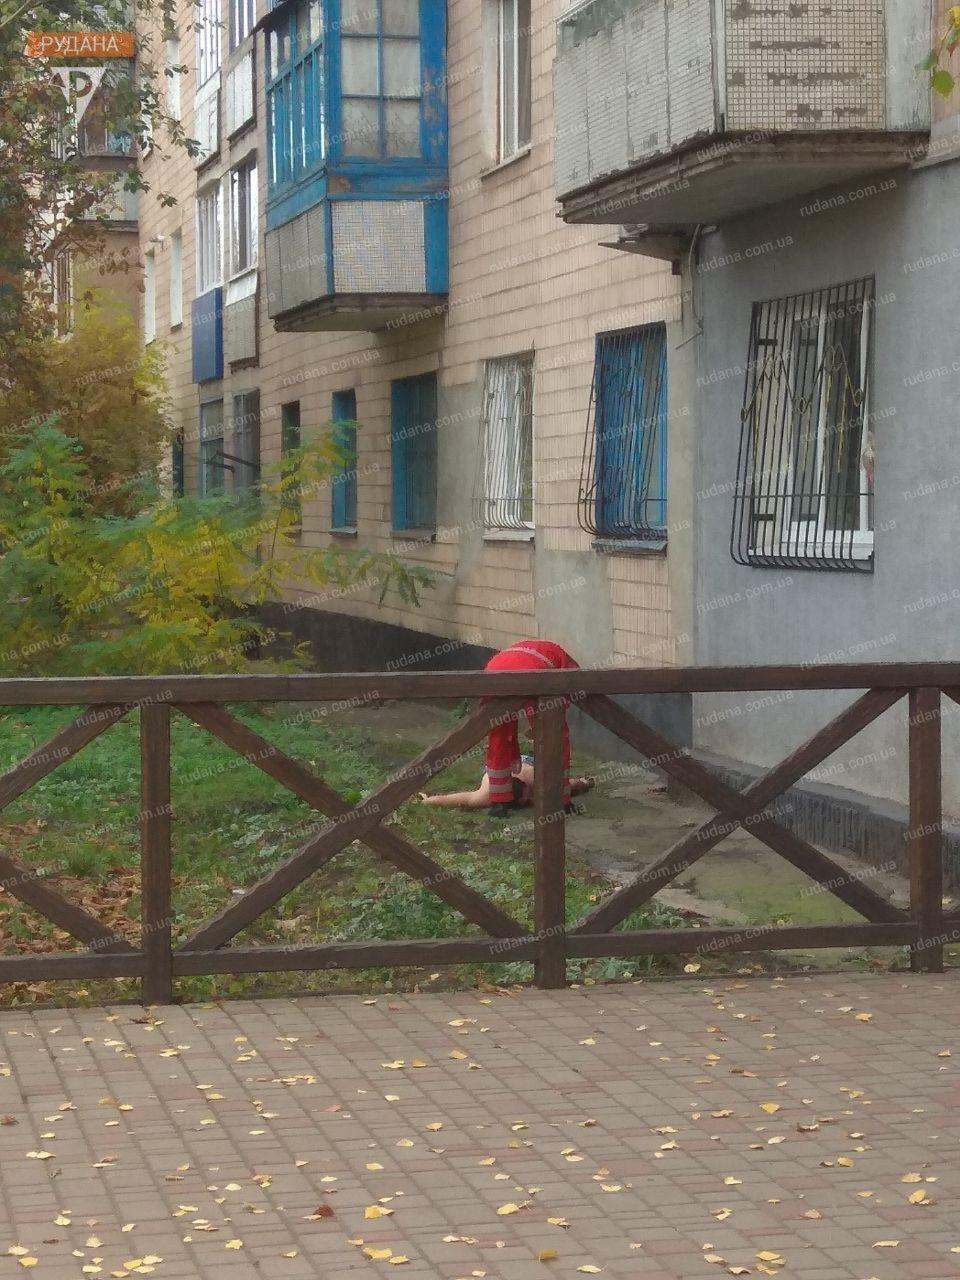 В Кривом Роге обнаженный мужчина выпал из окна, - ФОТО 18+, фото-4